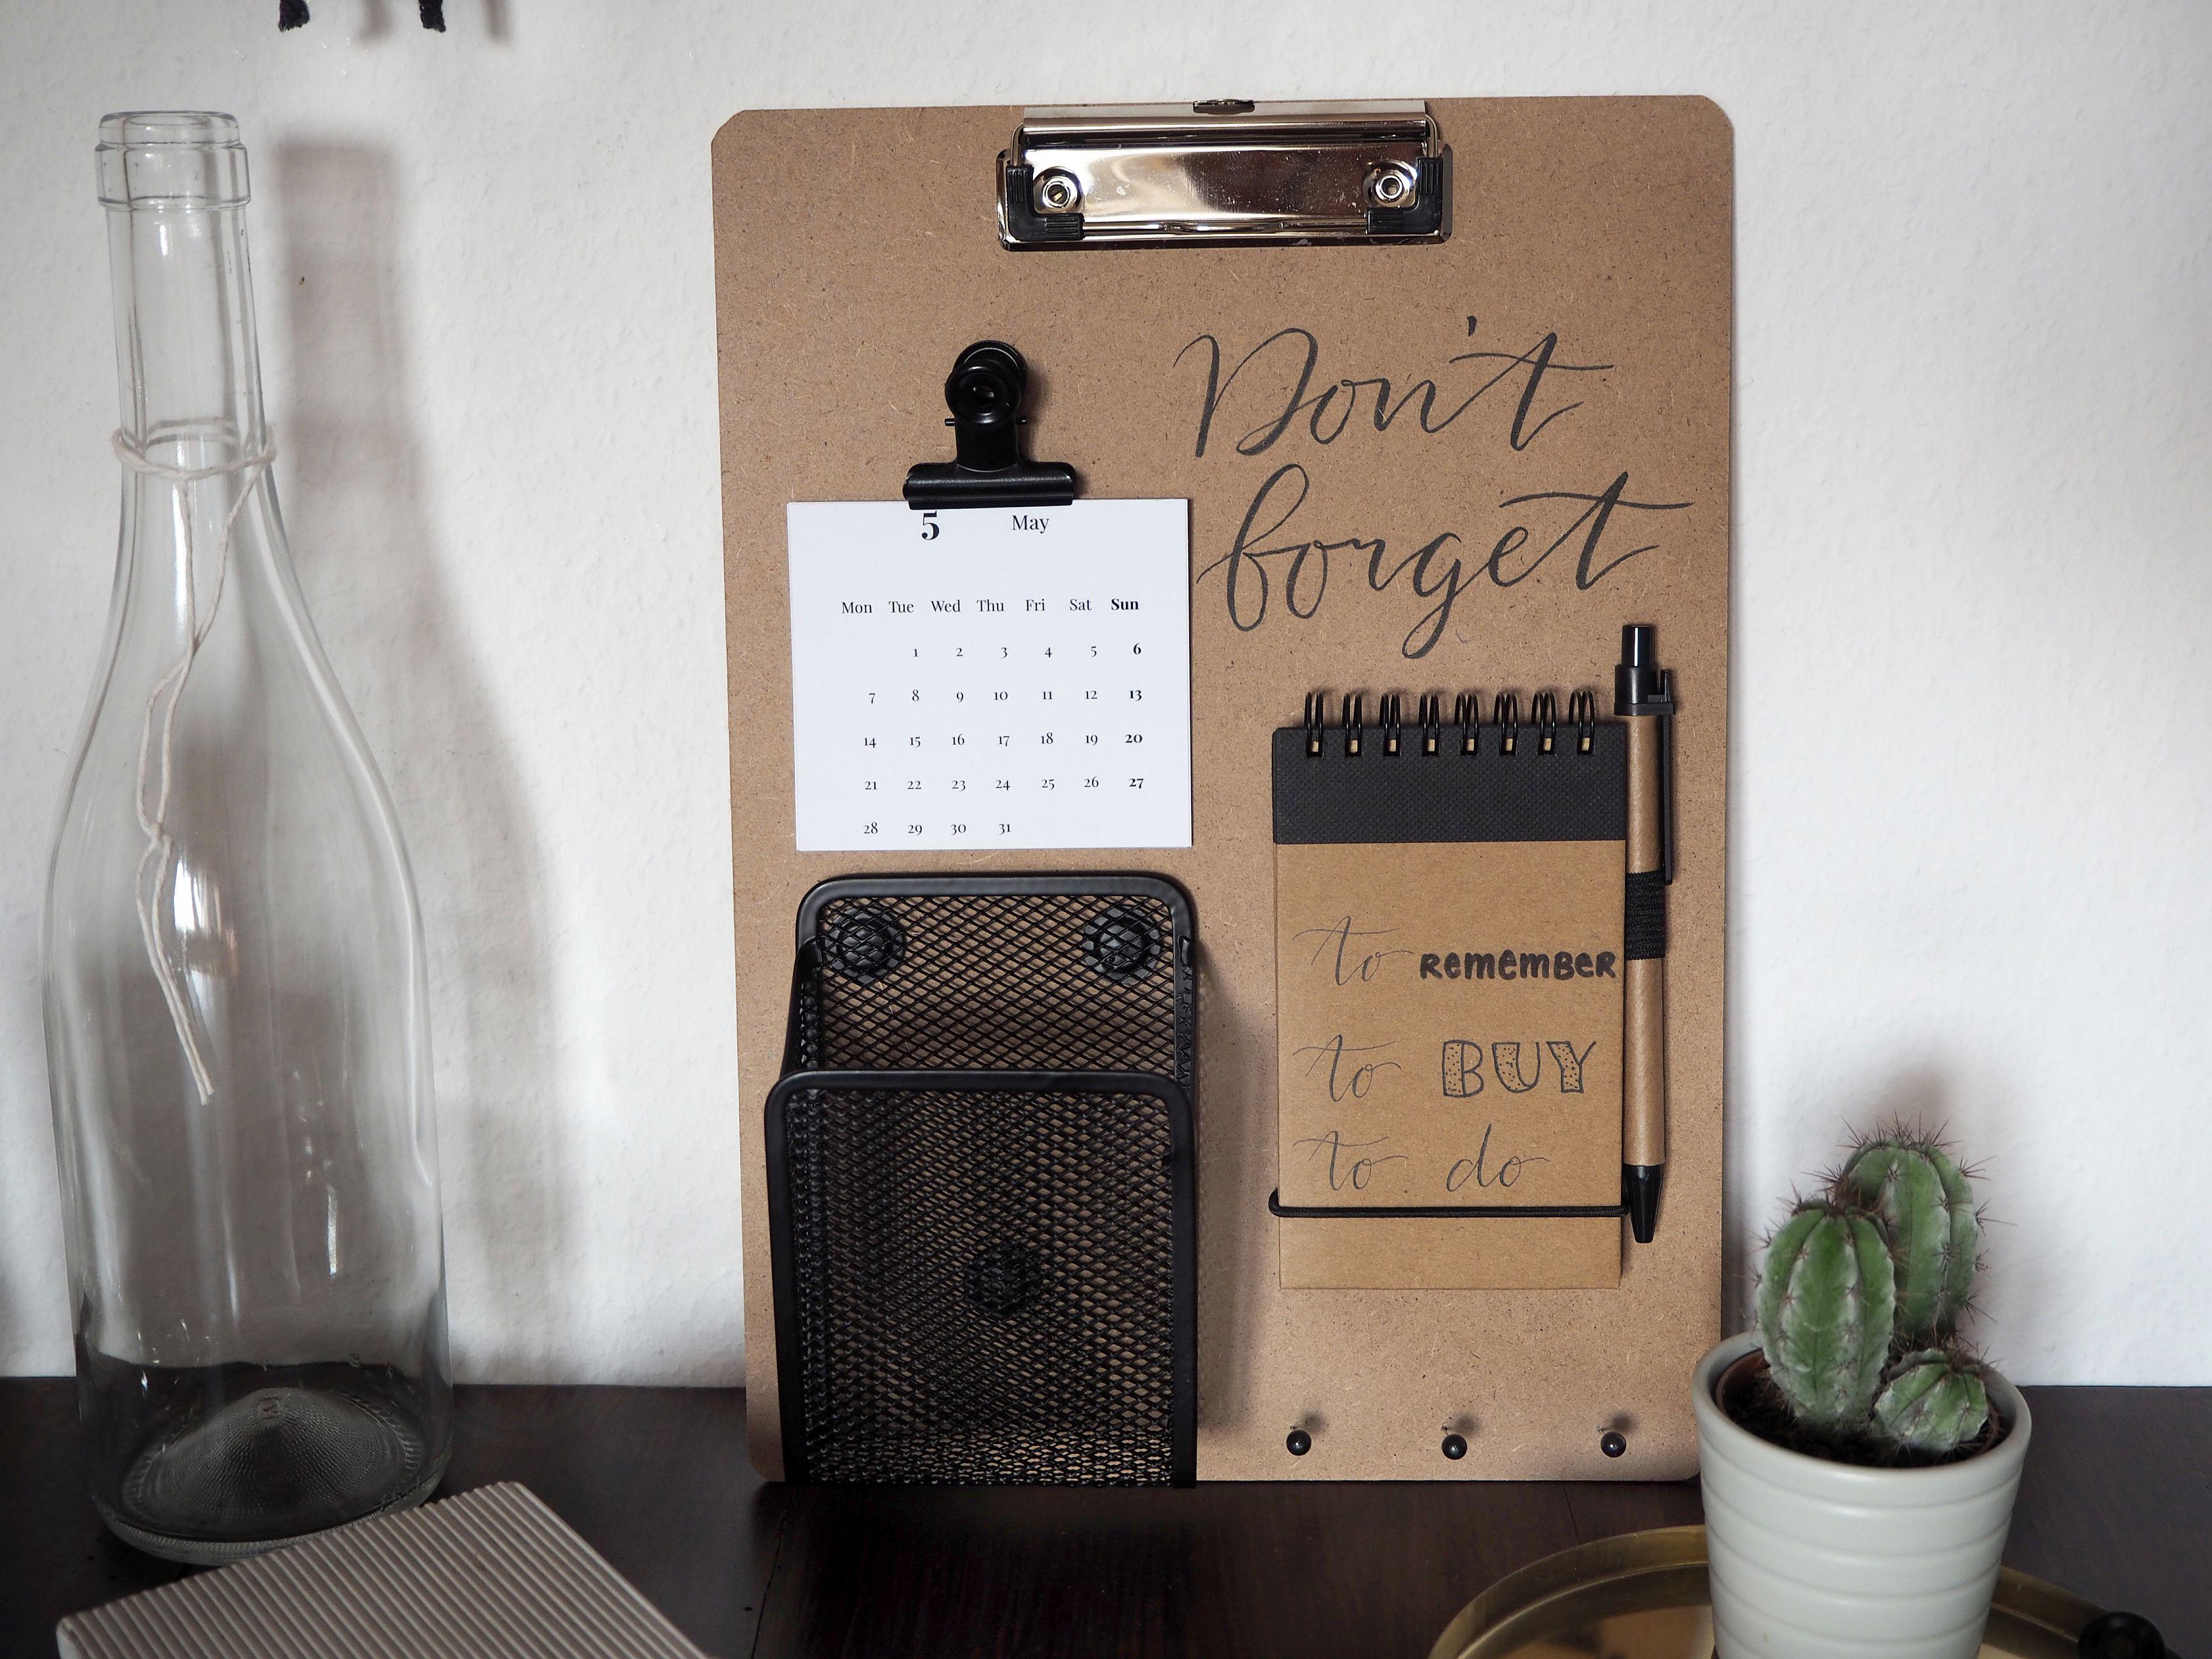 2018-05-skoen-och-kreativ-diy-lettering-memoboard-fuer-vaeter-geschenktipp-vatertag (5)